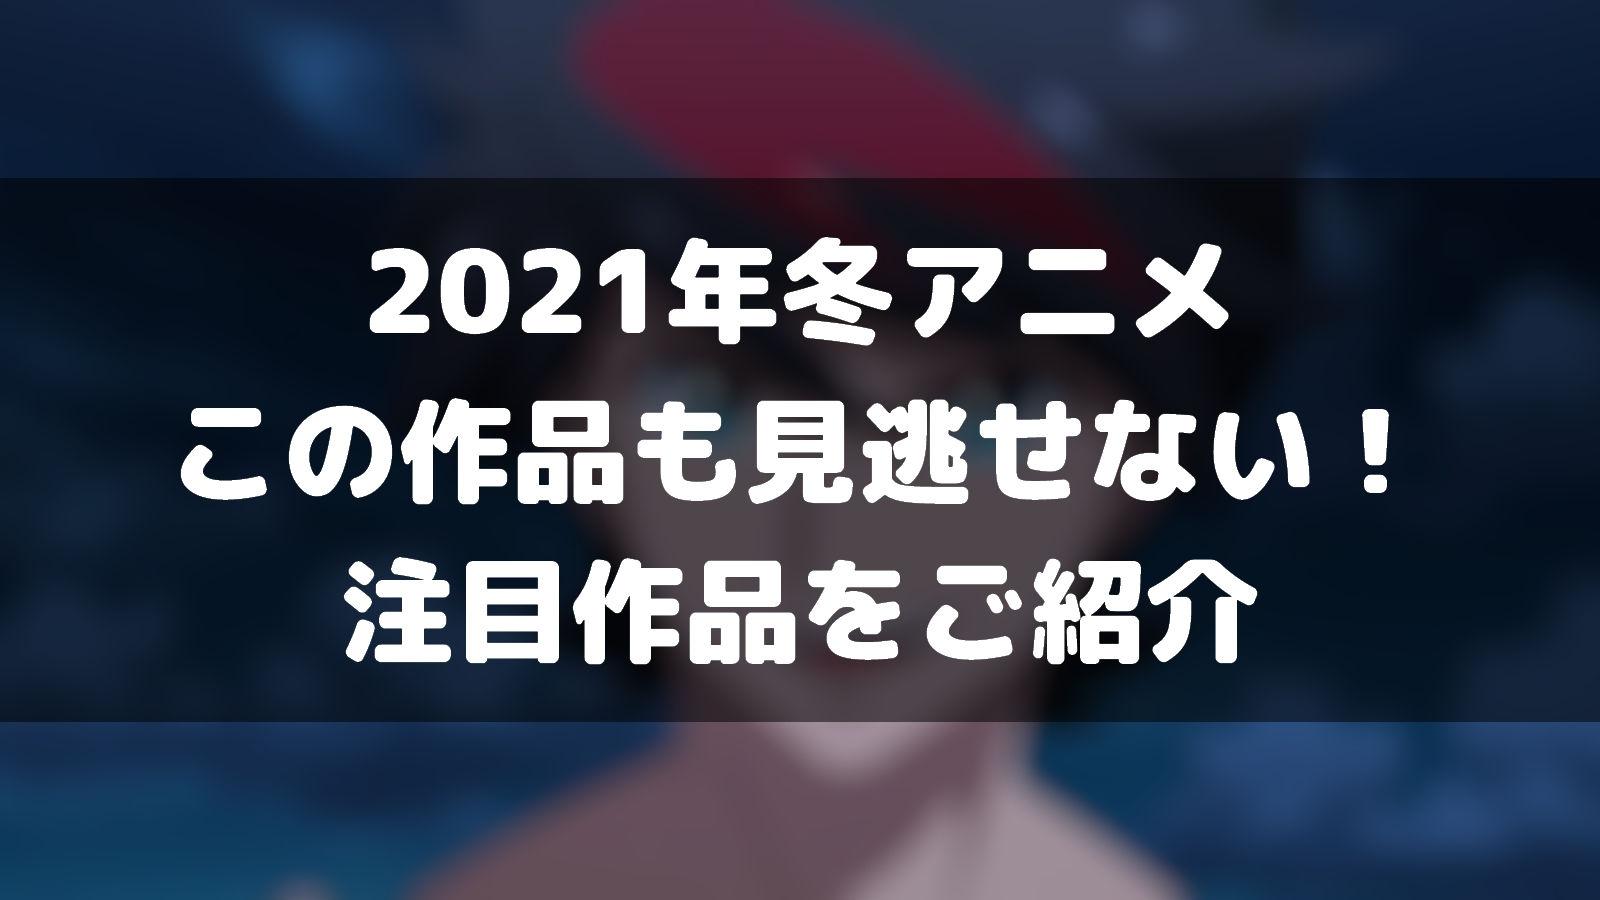 冬 アニメ 2021